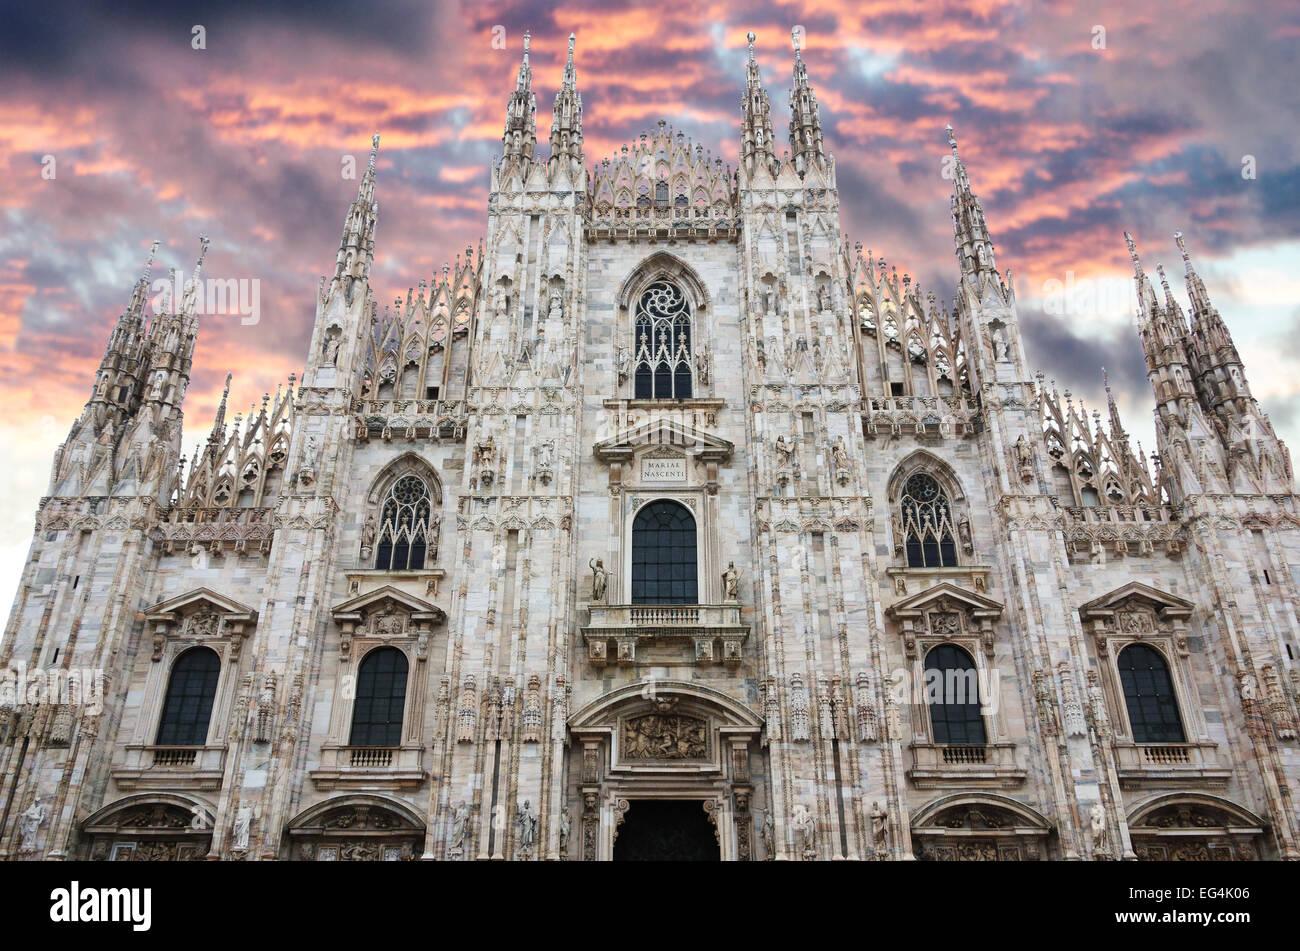 La facciata della famosa cattedrale del Duomo di Milano, Italia Immagini Stock